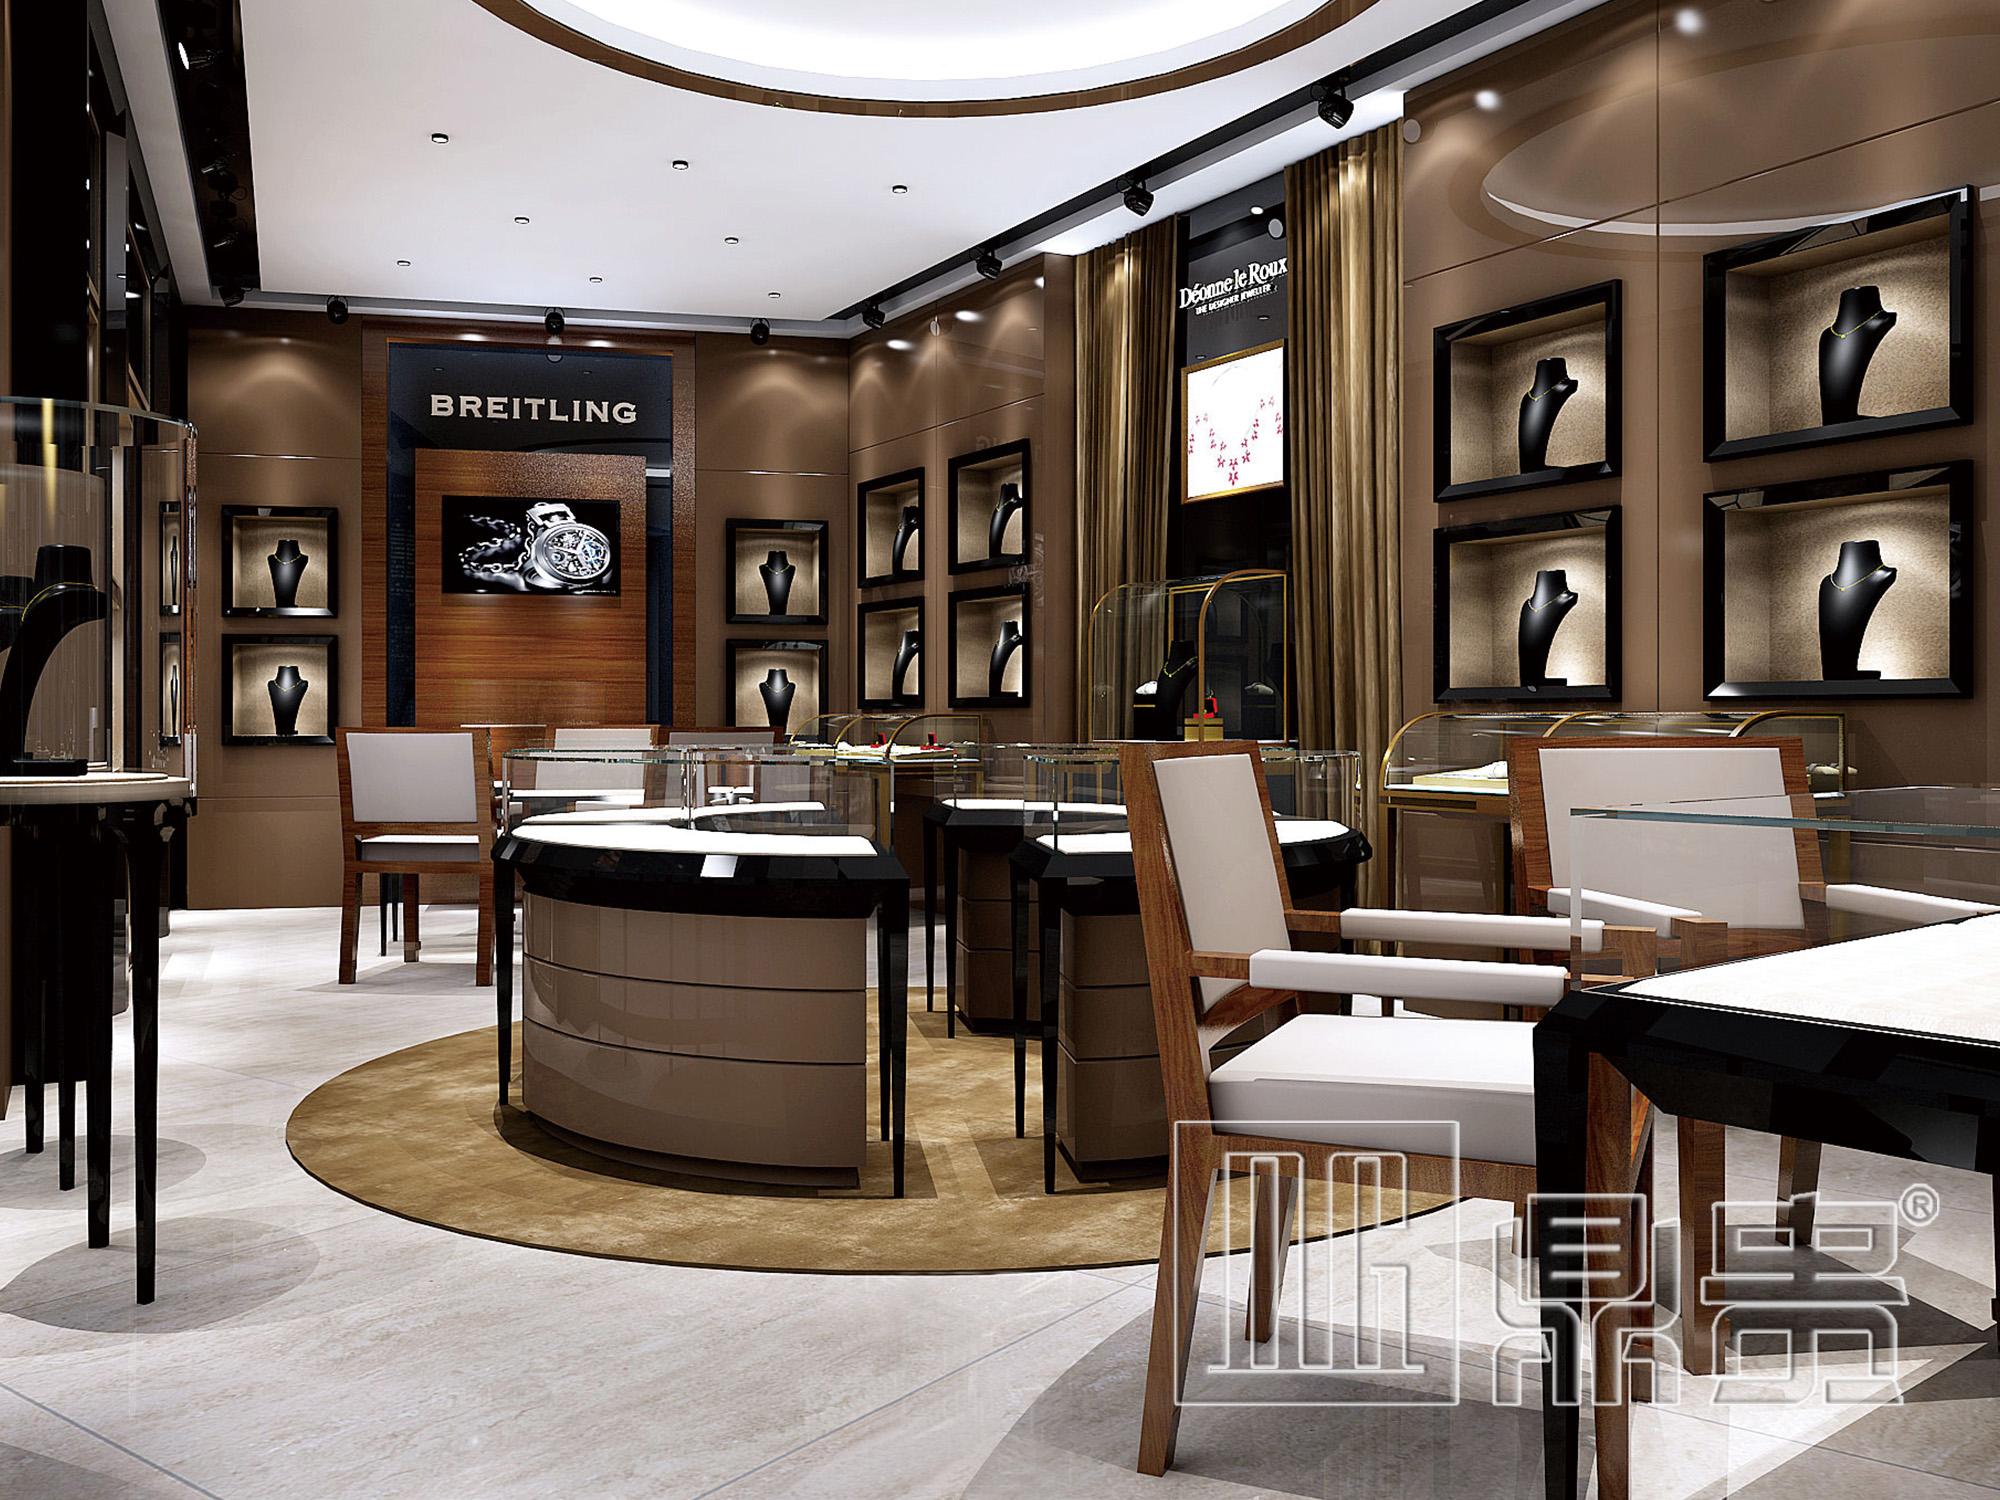 鼎贵展柜大师:欧式风情,简约而不失奢华,带来的是另一种展柜之美